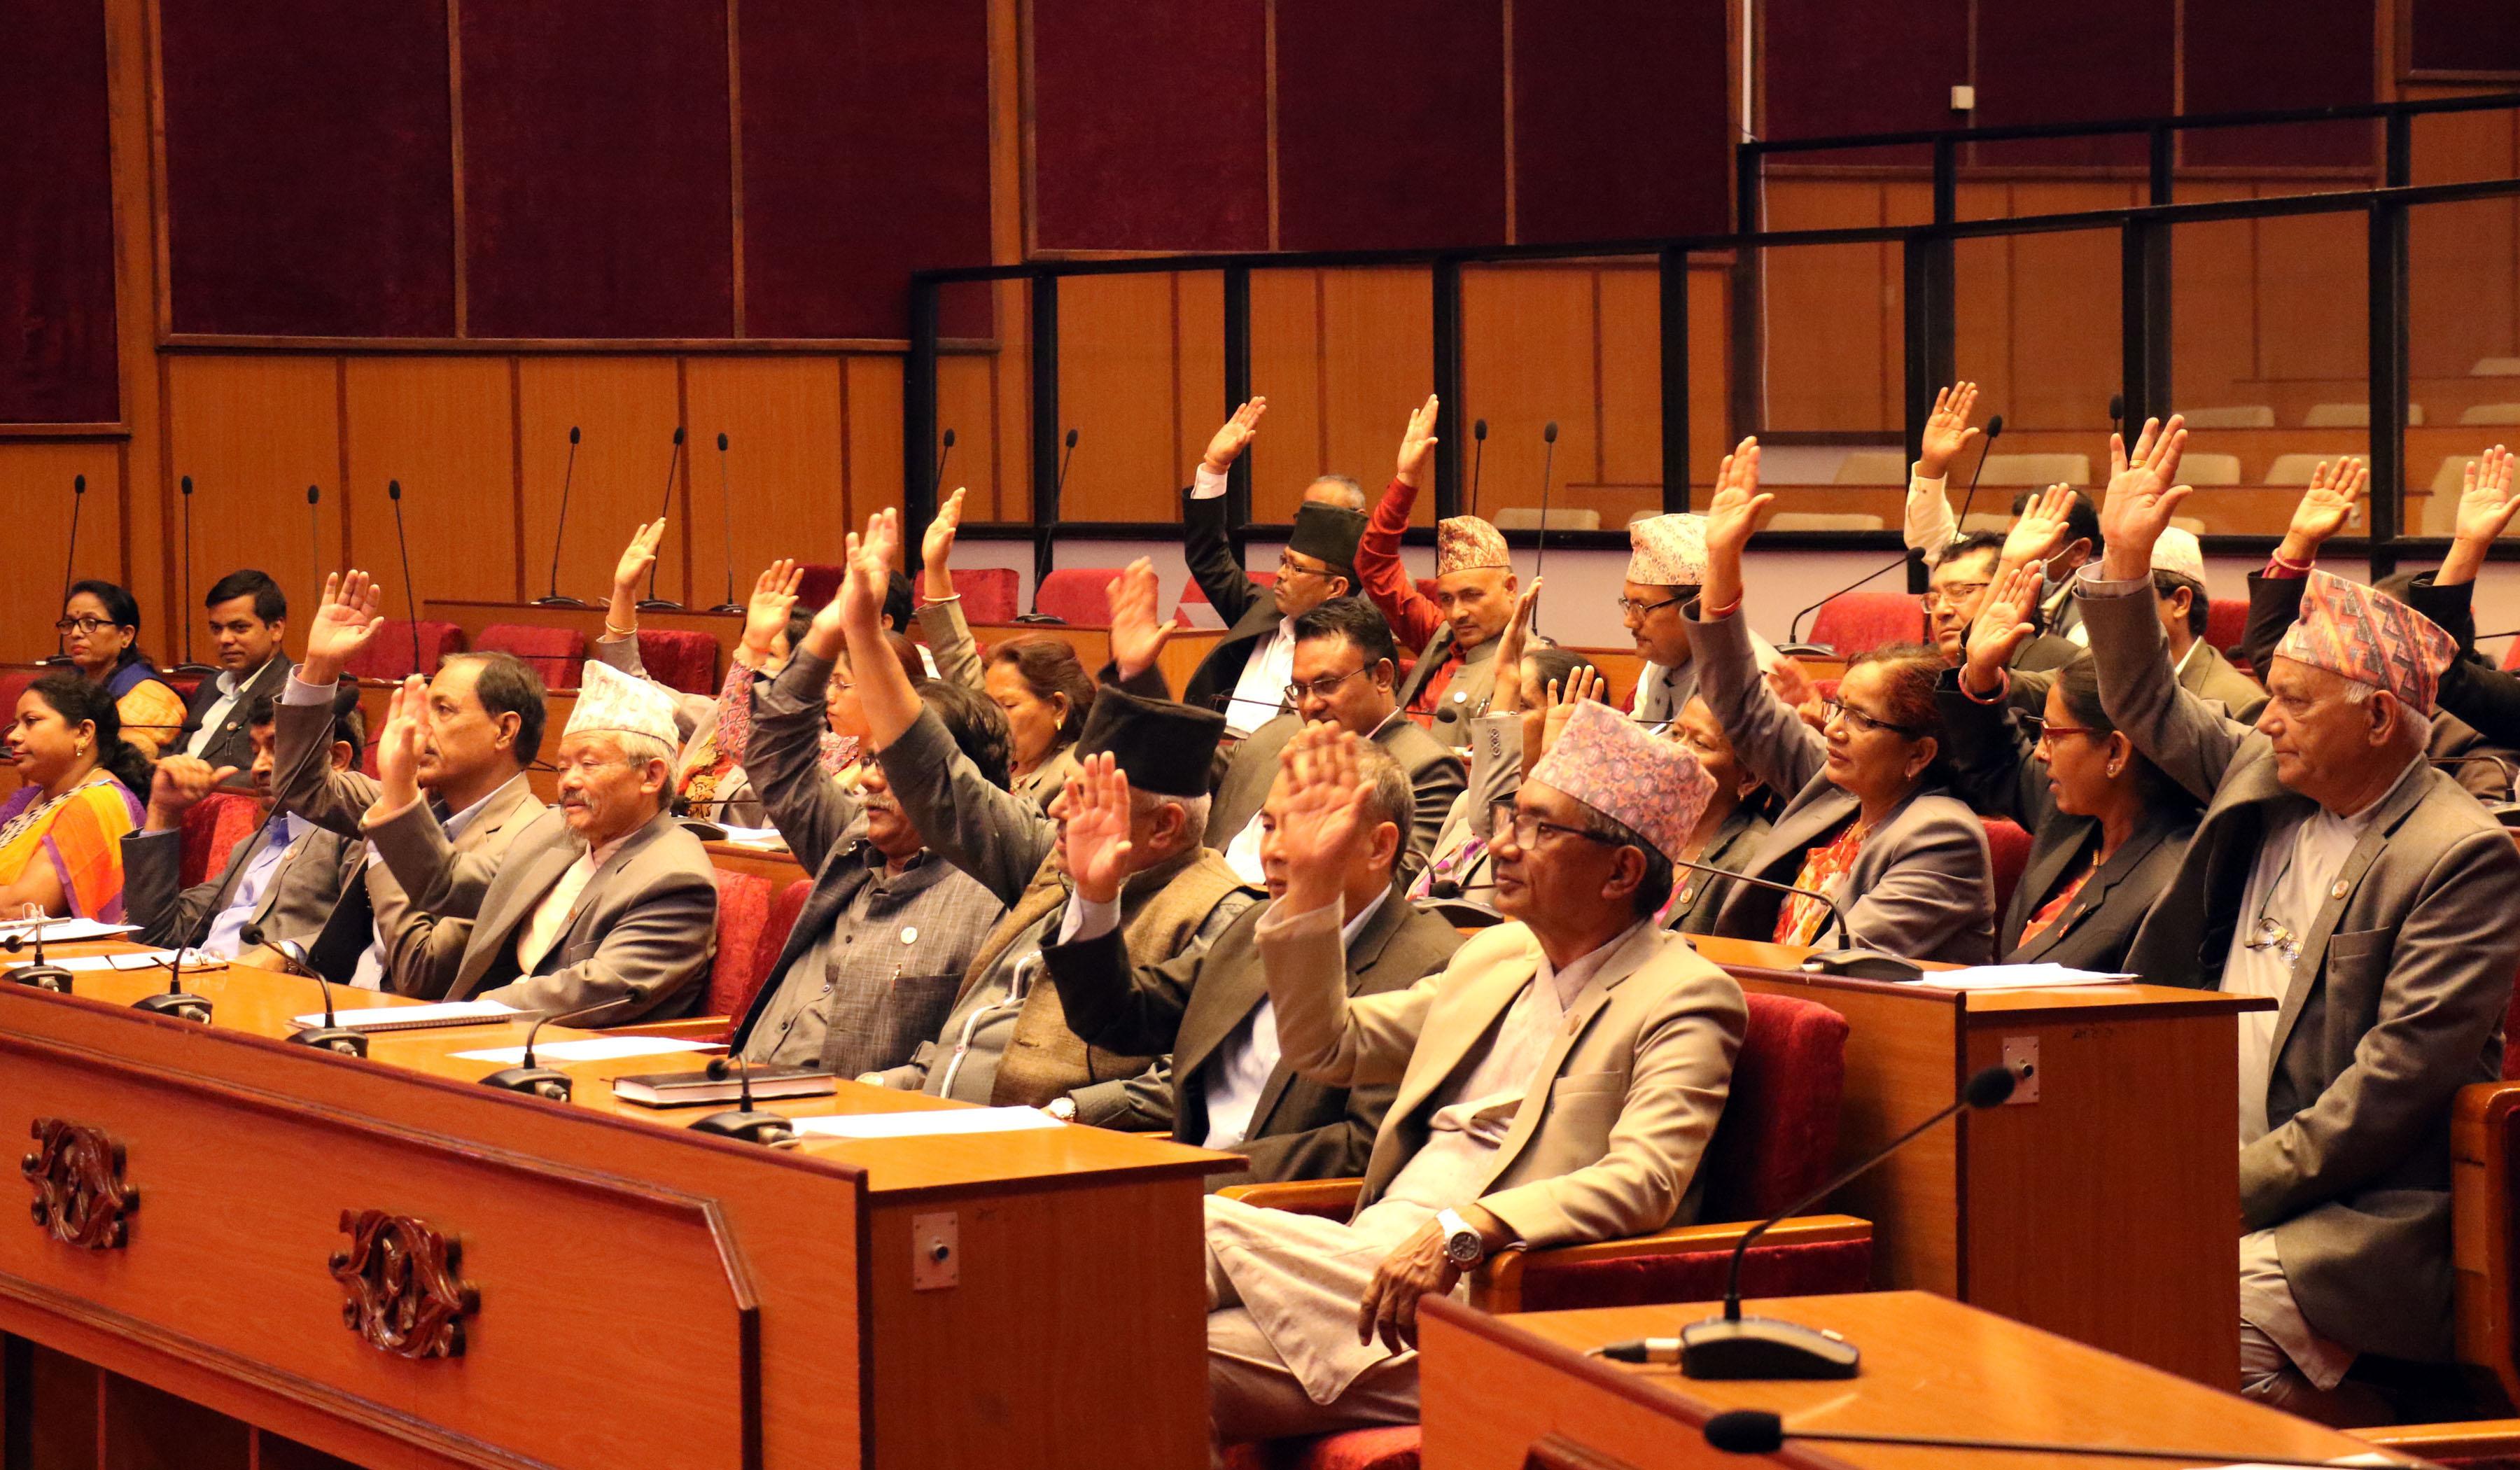 सदनमा पहिलो पटक नेकपा र कांग्रेसको संयुक्त प्रस्तावमाथि छलफल